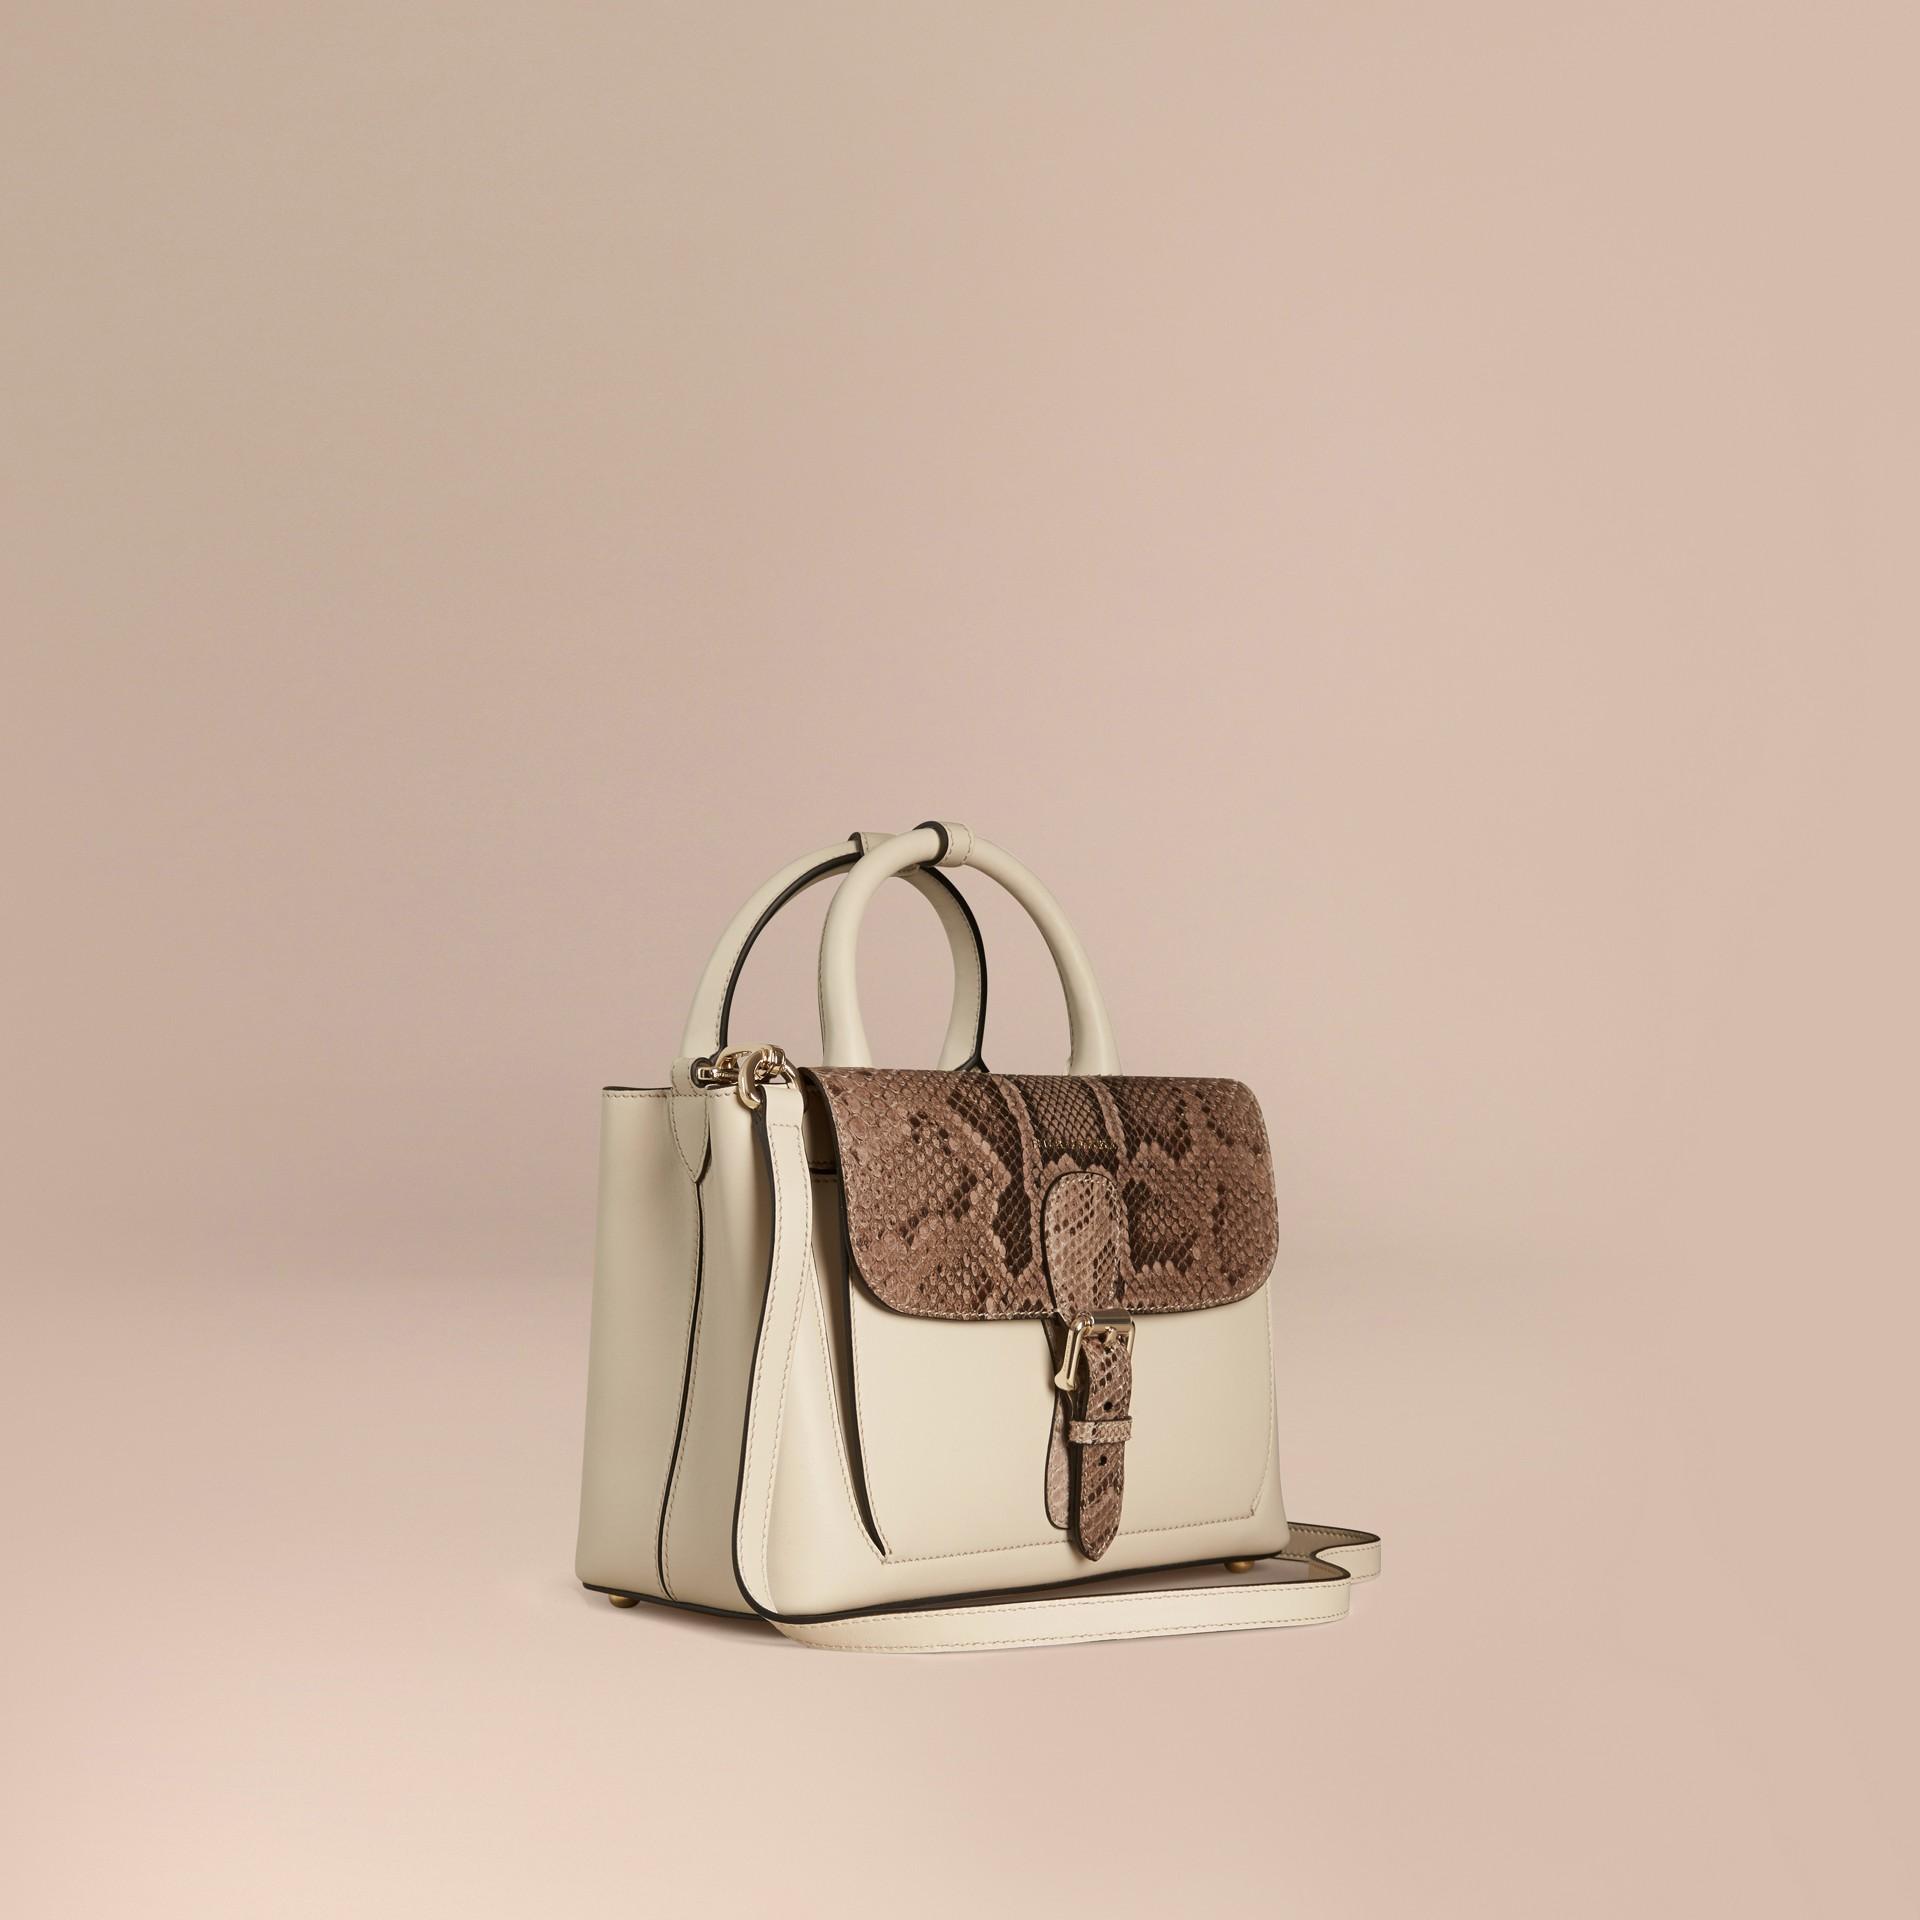 Pedra Bolsa The Saddle pequena de couro macio e píton - galeria de imagens 1